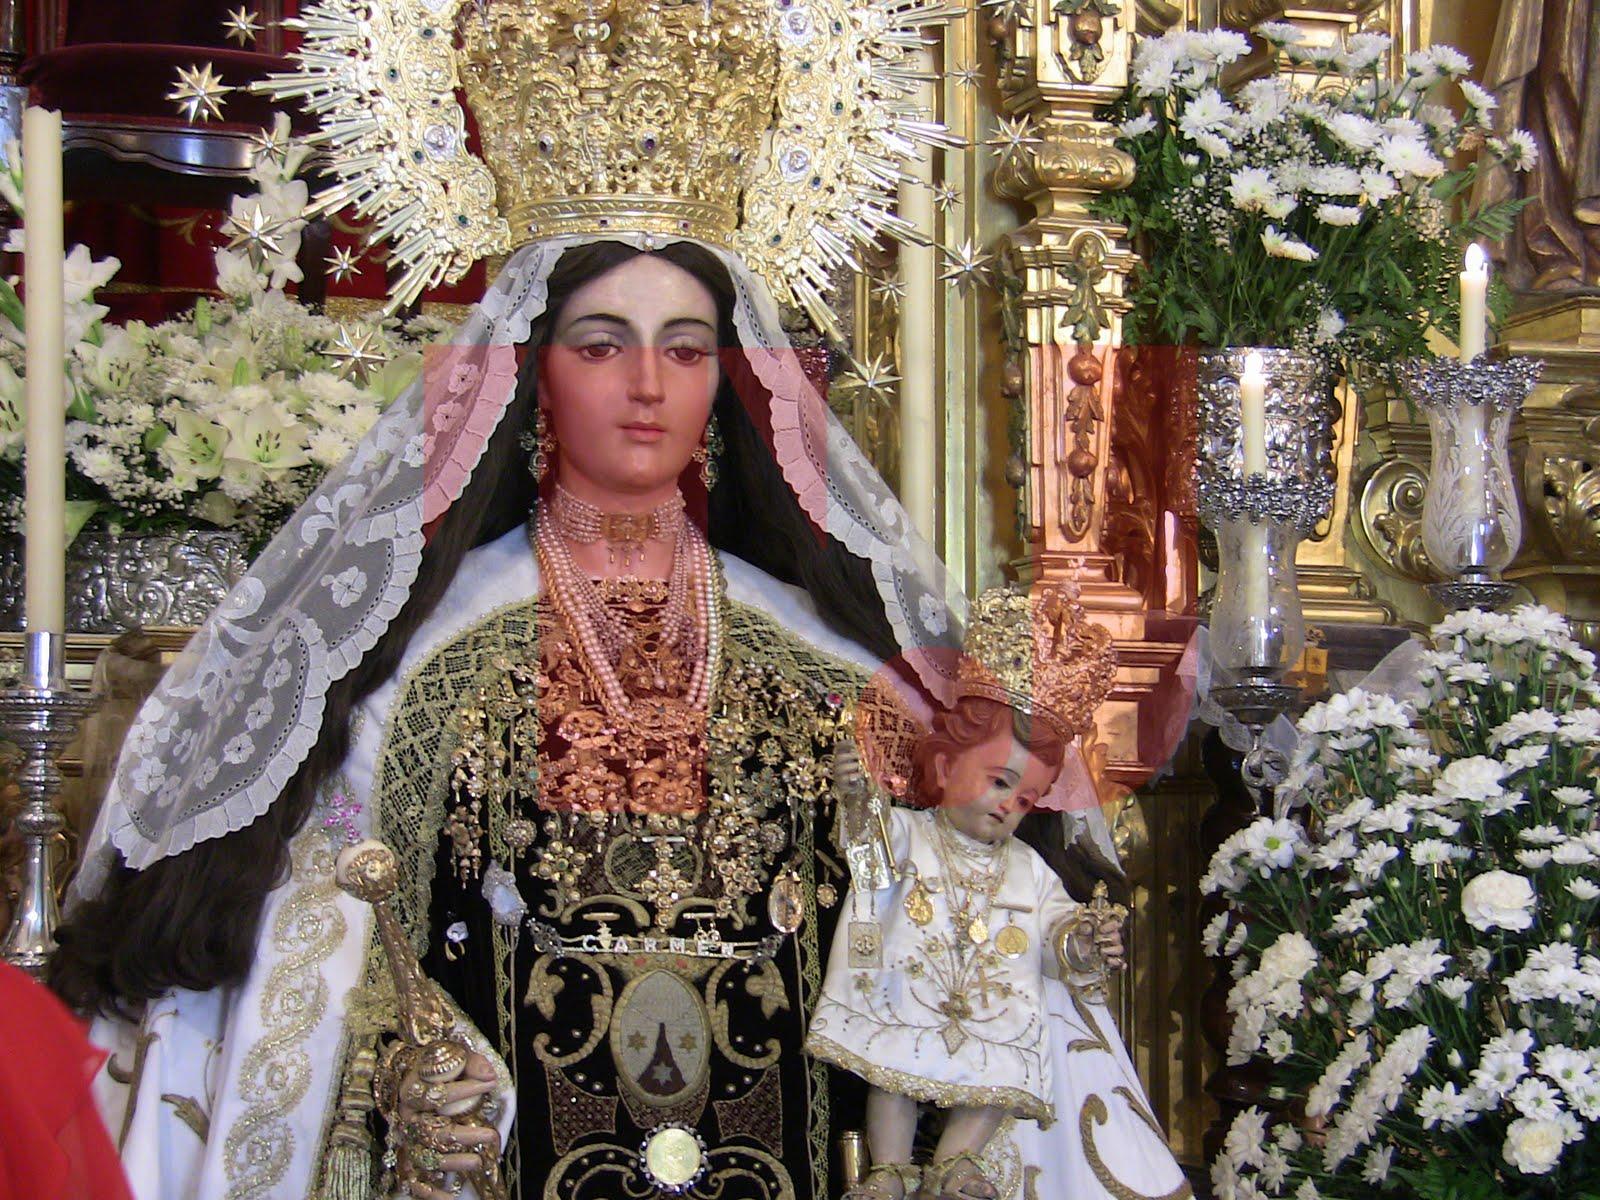 La de los Grandes Festejos: Nuestra Señora del Carmen de Rute, España (13 de febrero)